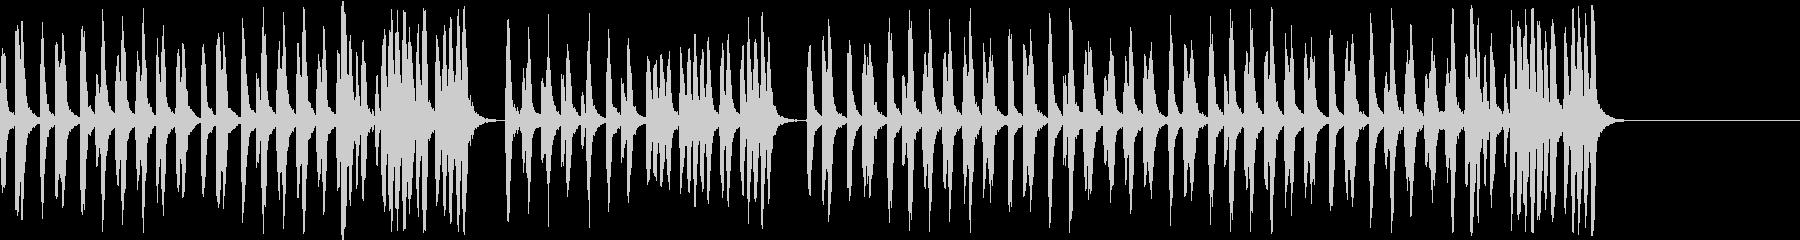 昔のディズニー風 映画カートゥーンアニメの未再生の波形